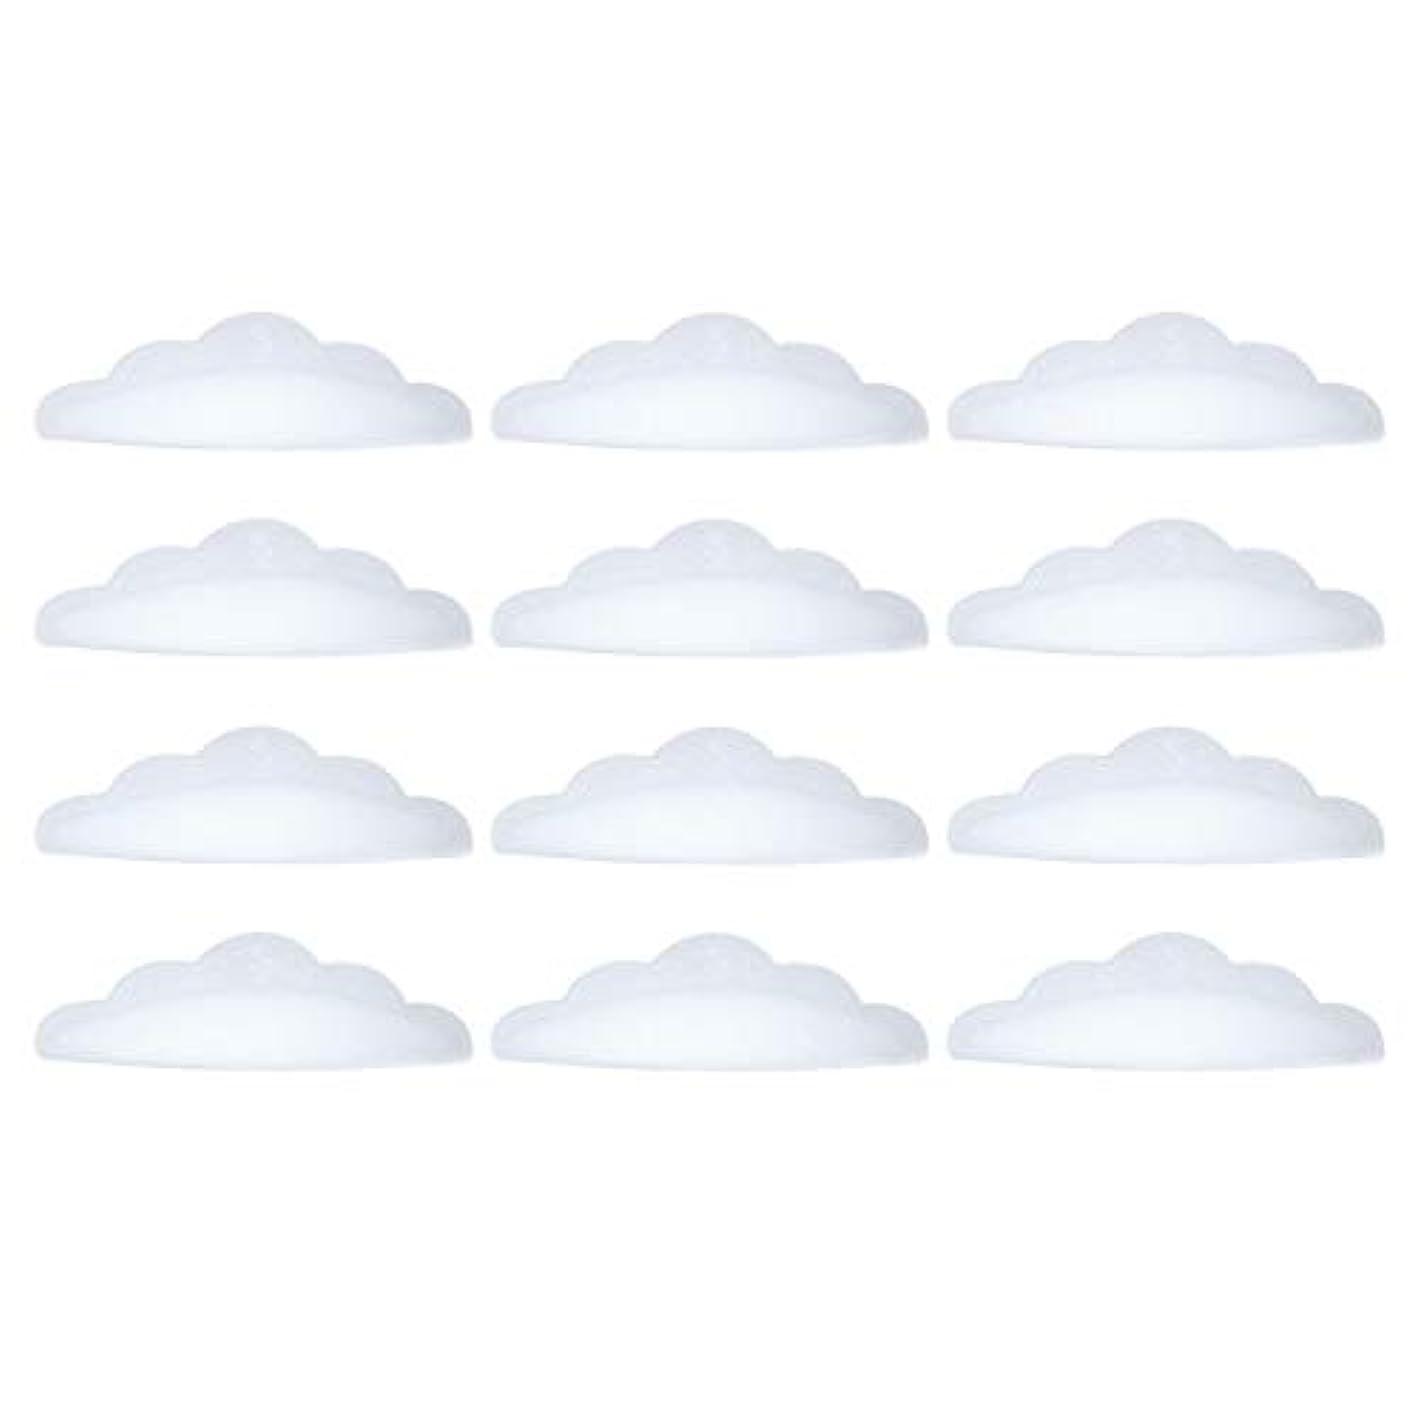 台無しにインターネット学部Migavan 9ペア シリコーンまつげパッド まつげパーマパッド防水シリコーンまつげパーマカーラーシールドパッドアイラッシュリフトホルダー